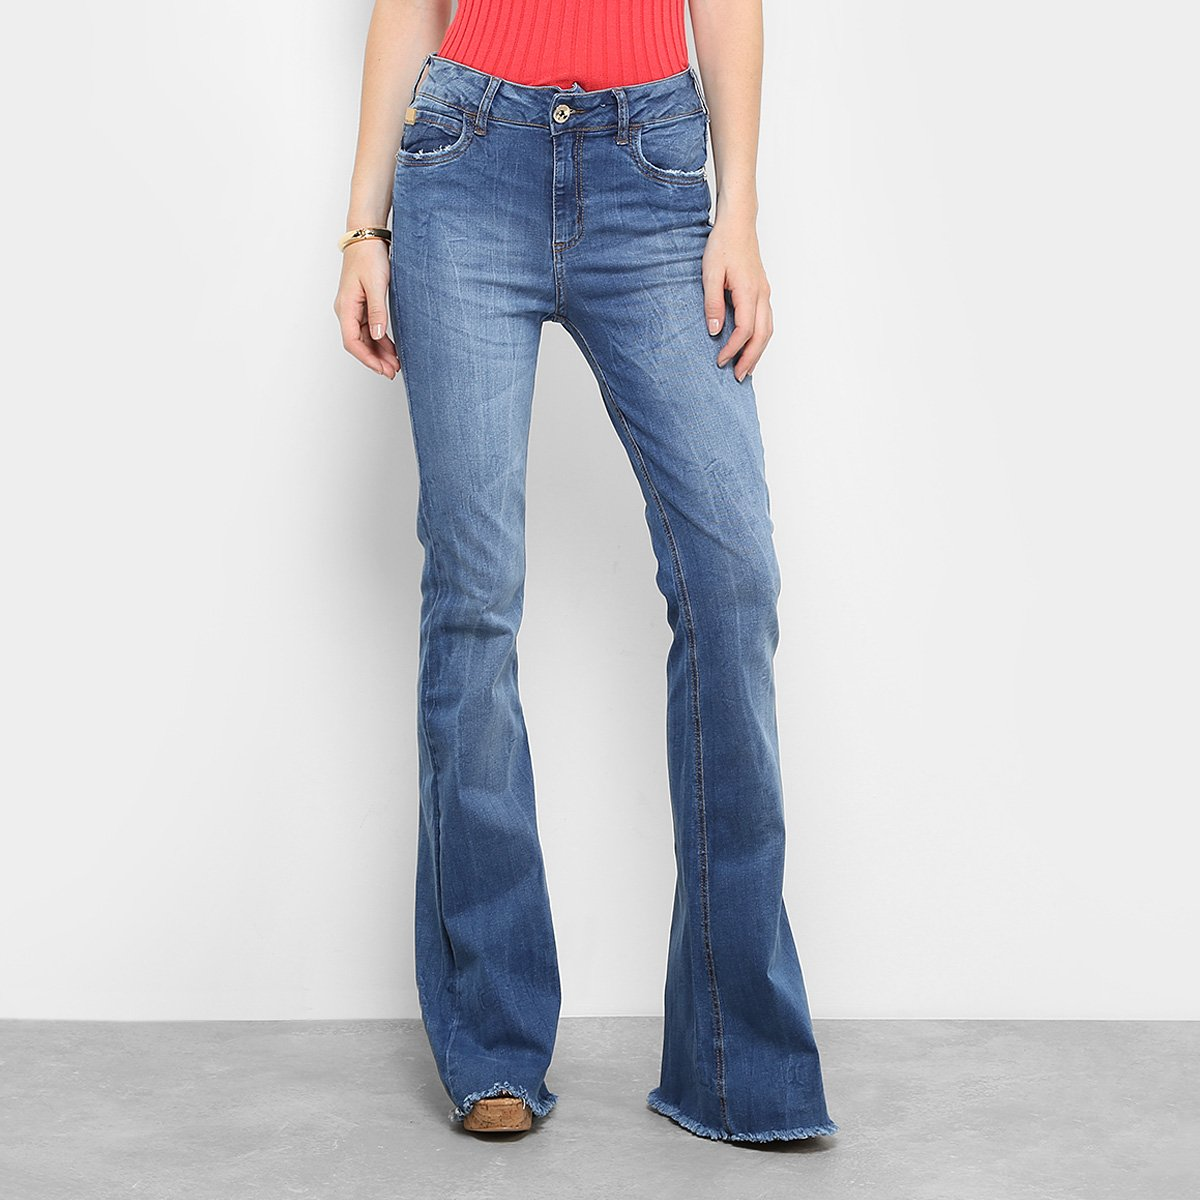 e36366a9a5312 Calça Jeans Flare Colcci Base Bia Rasgada Cintura Alta Feminina ...